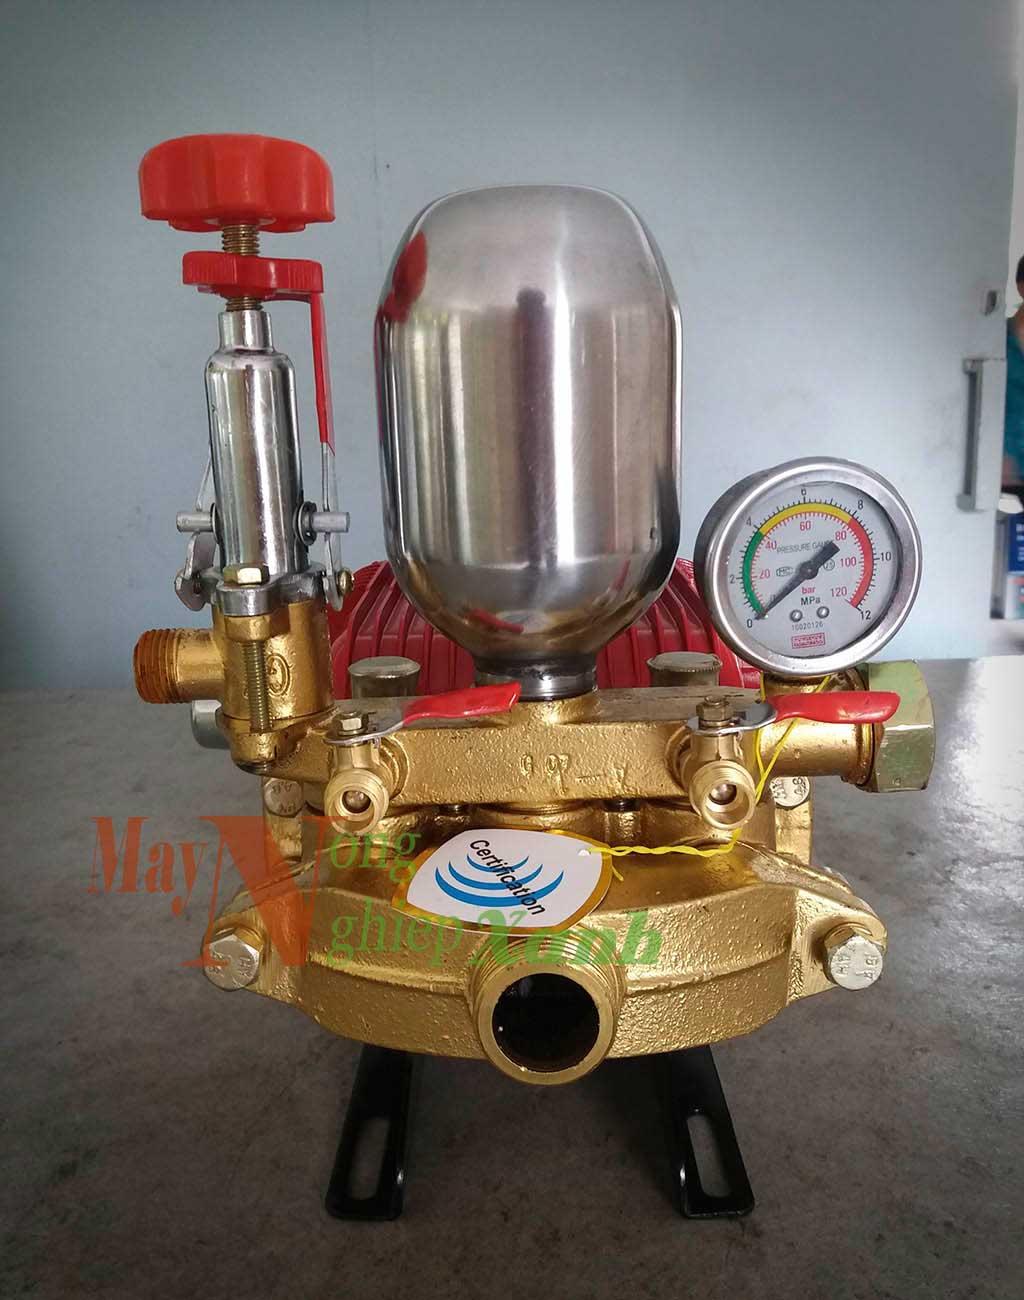 dau phun ap luc Yamamoto ys45A 2hp 3 - Đầu phun áp lực Yamamoto YS-45A công suất 2HP